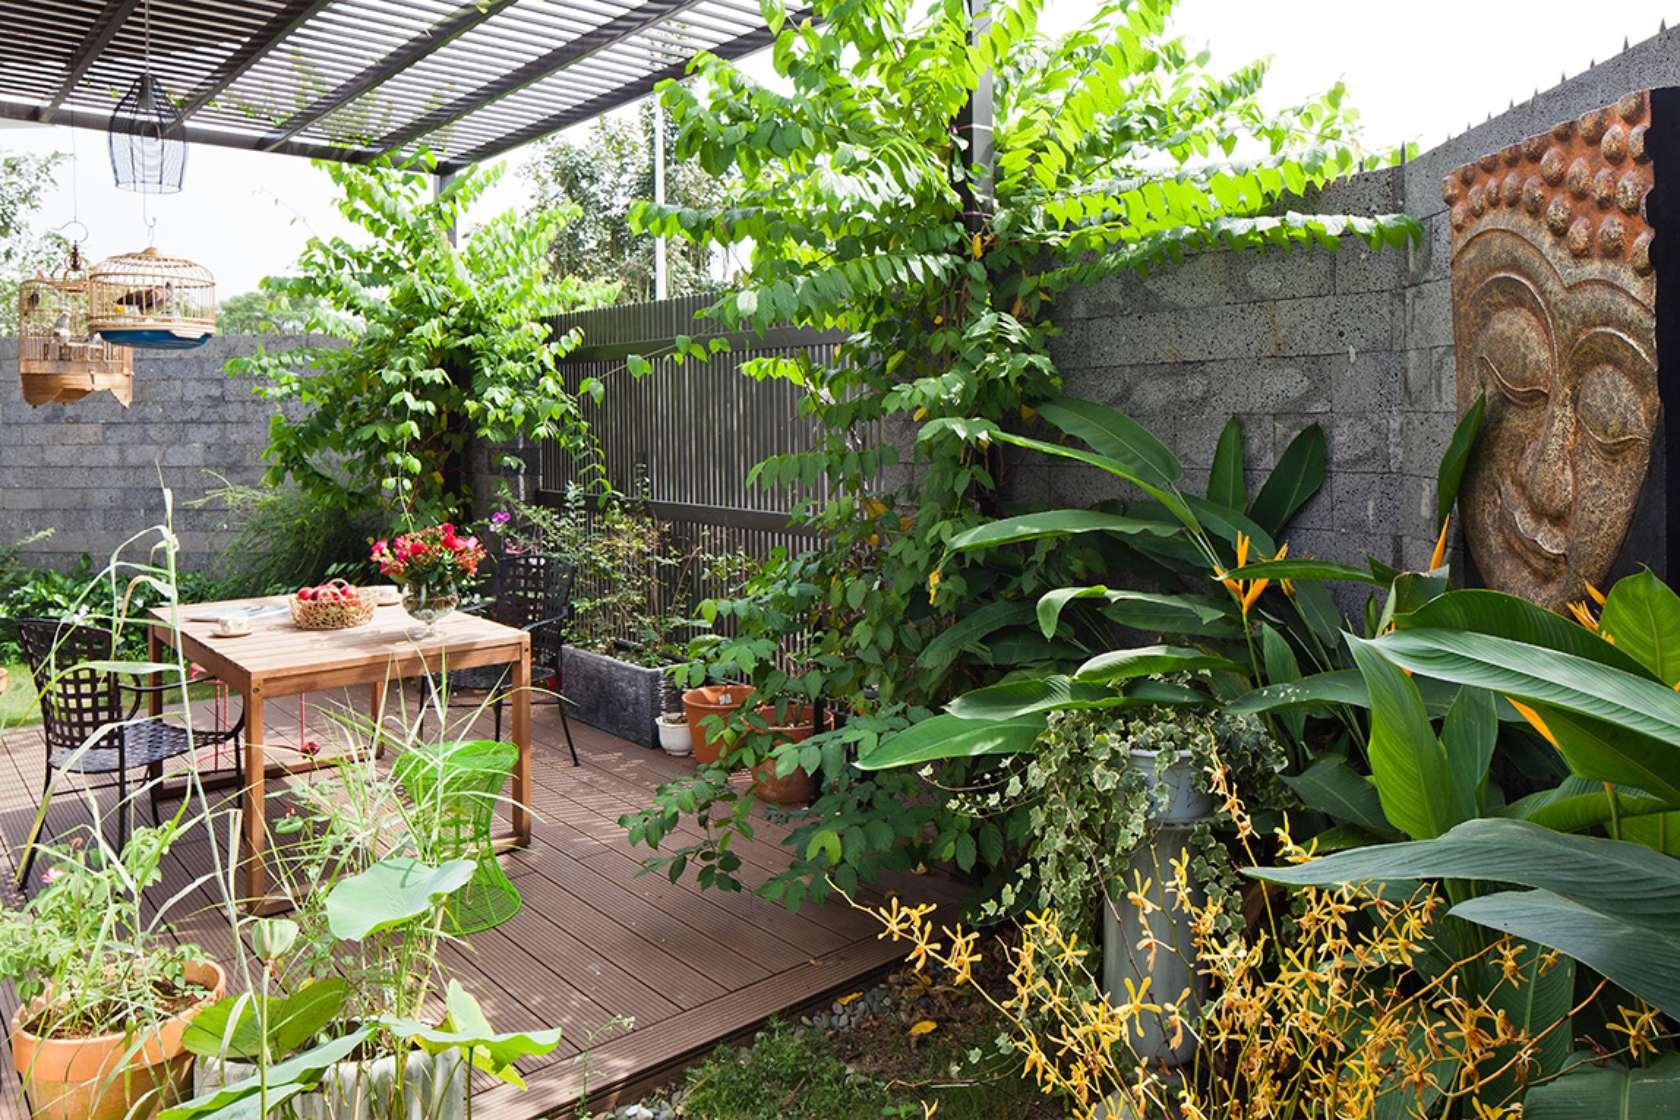 Báo Tây khen không tiếc lời công trình nhà phố 3 tầng có sân vườn cực đẹp ở Sài Gòn - Nhà Đẹp Số (7)